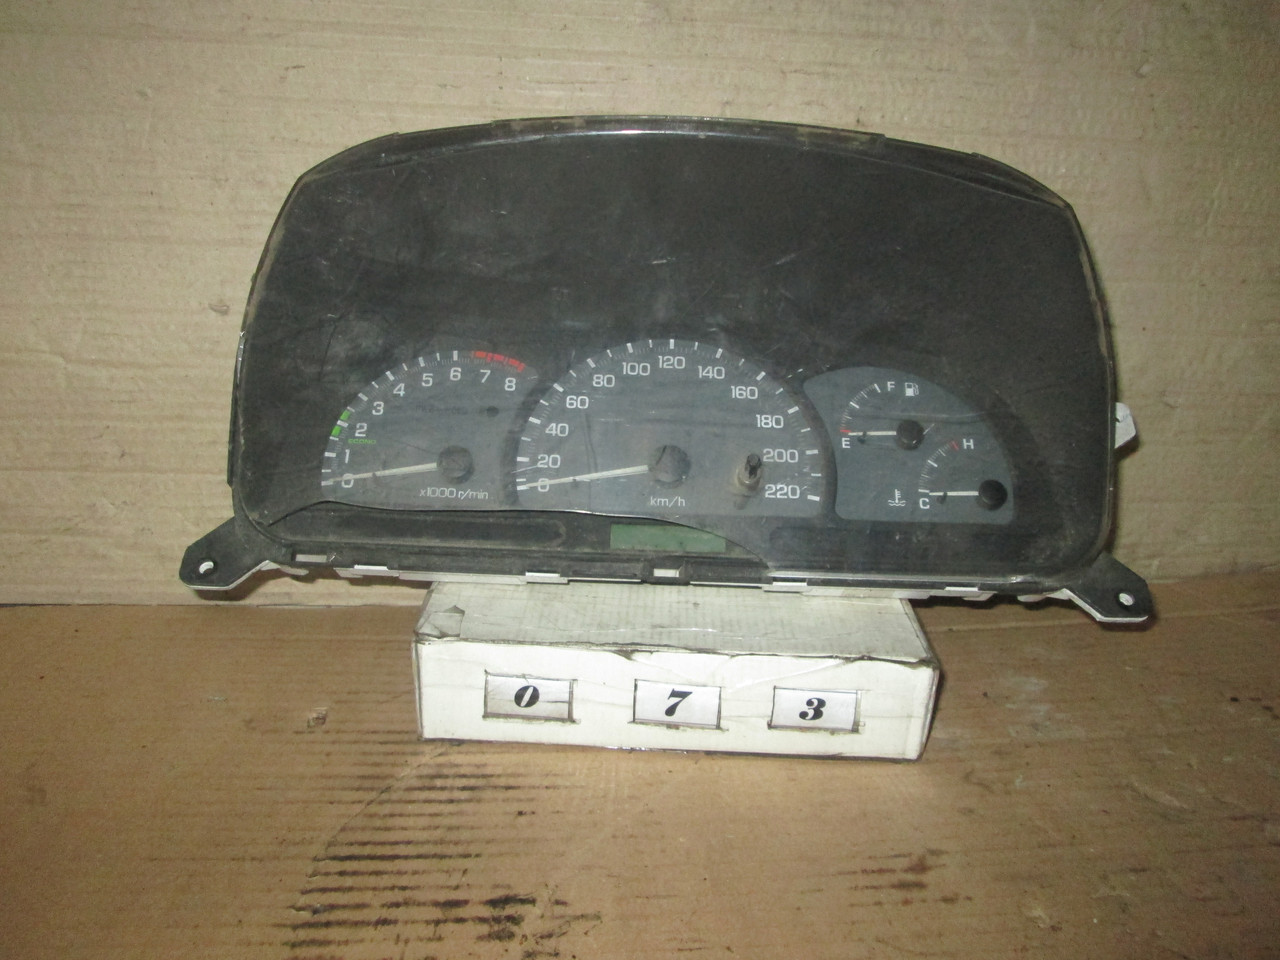 №73 Б/у Панель приладів/спідометр 96427156 для Chevrolet Tacuma 2000-2004